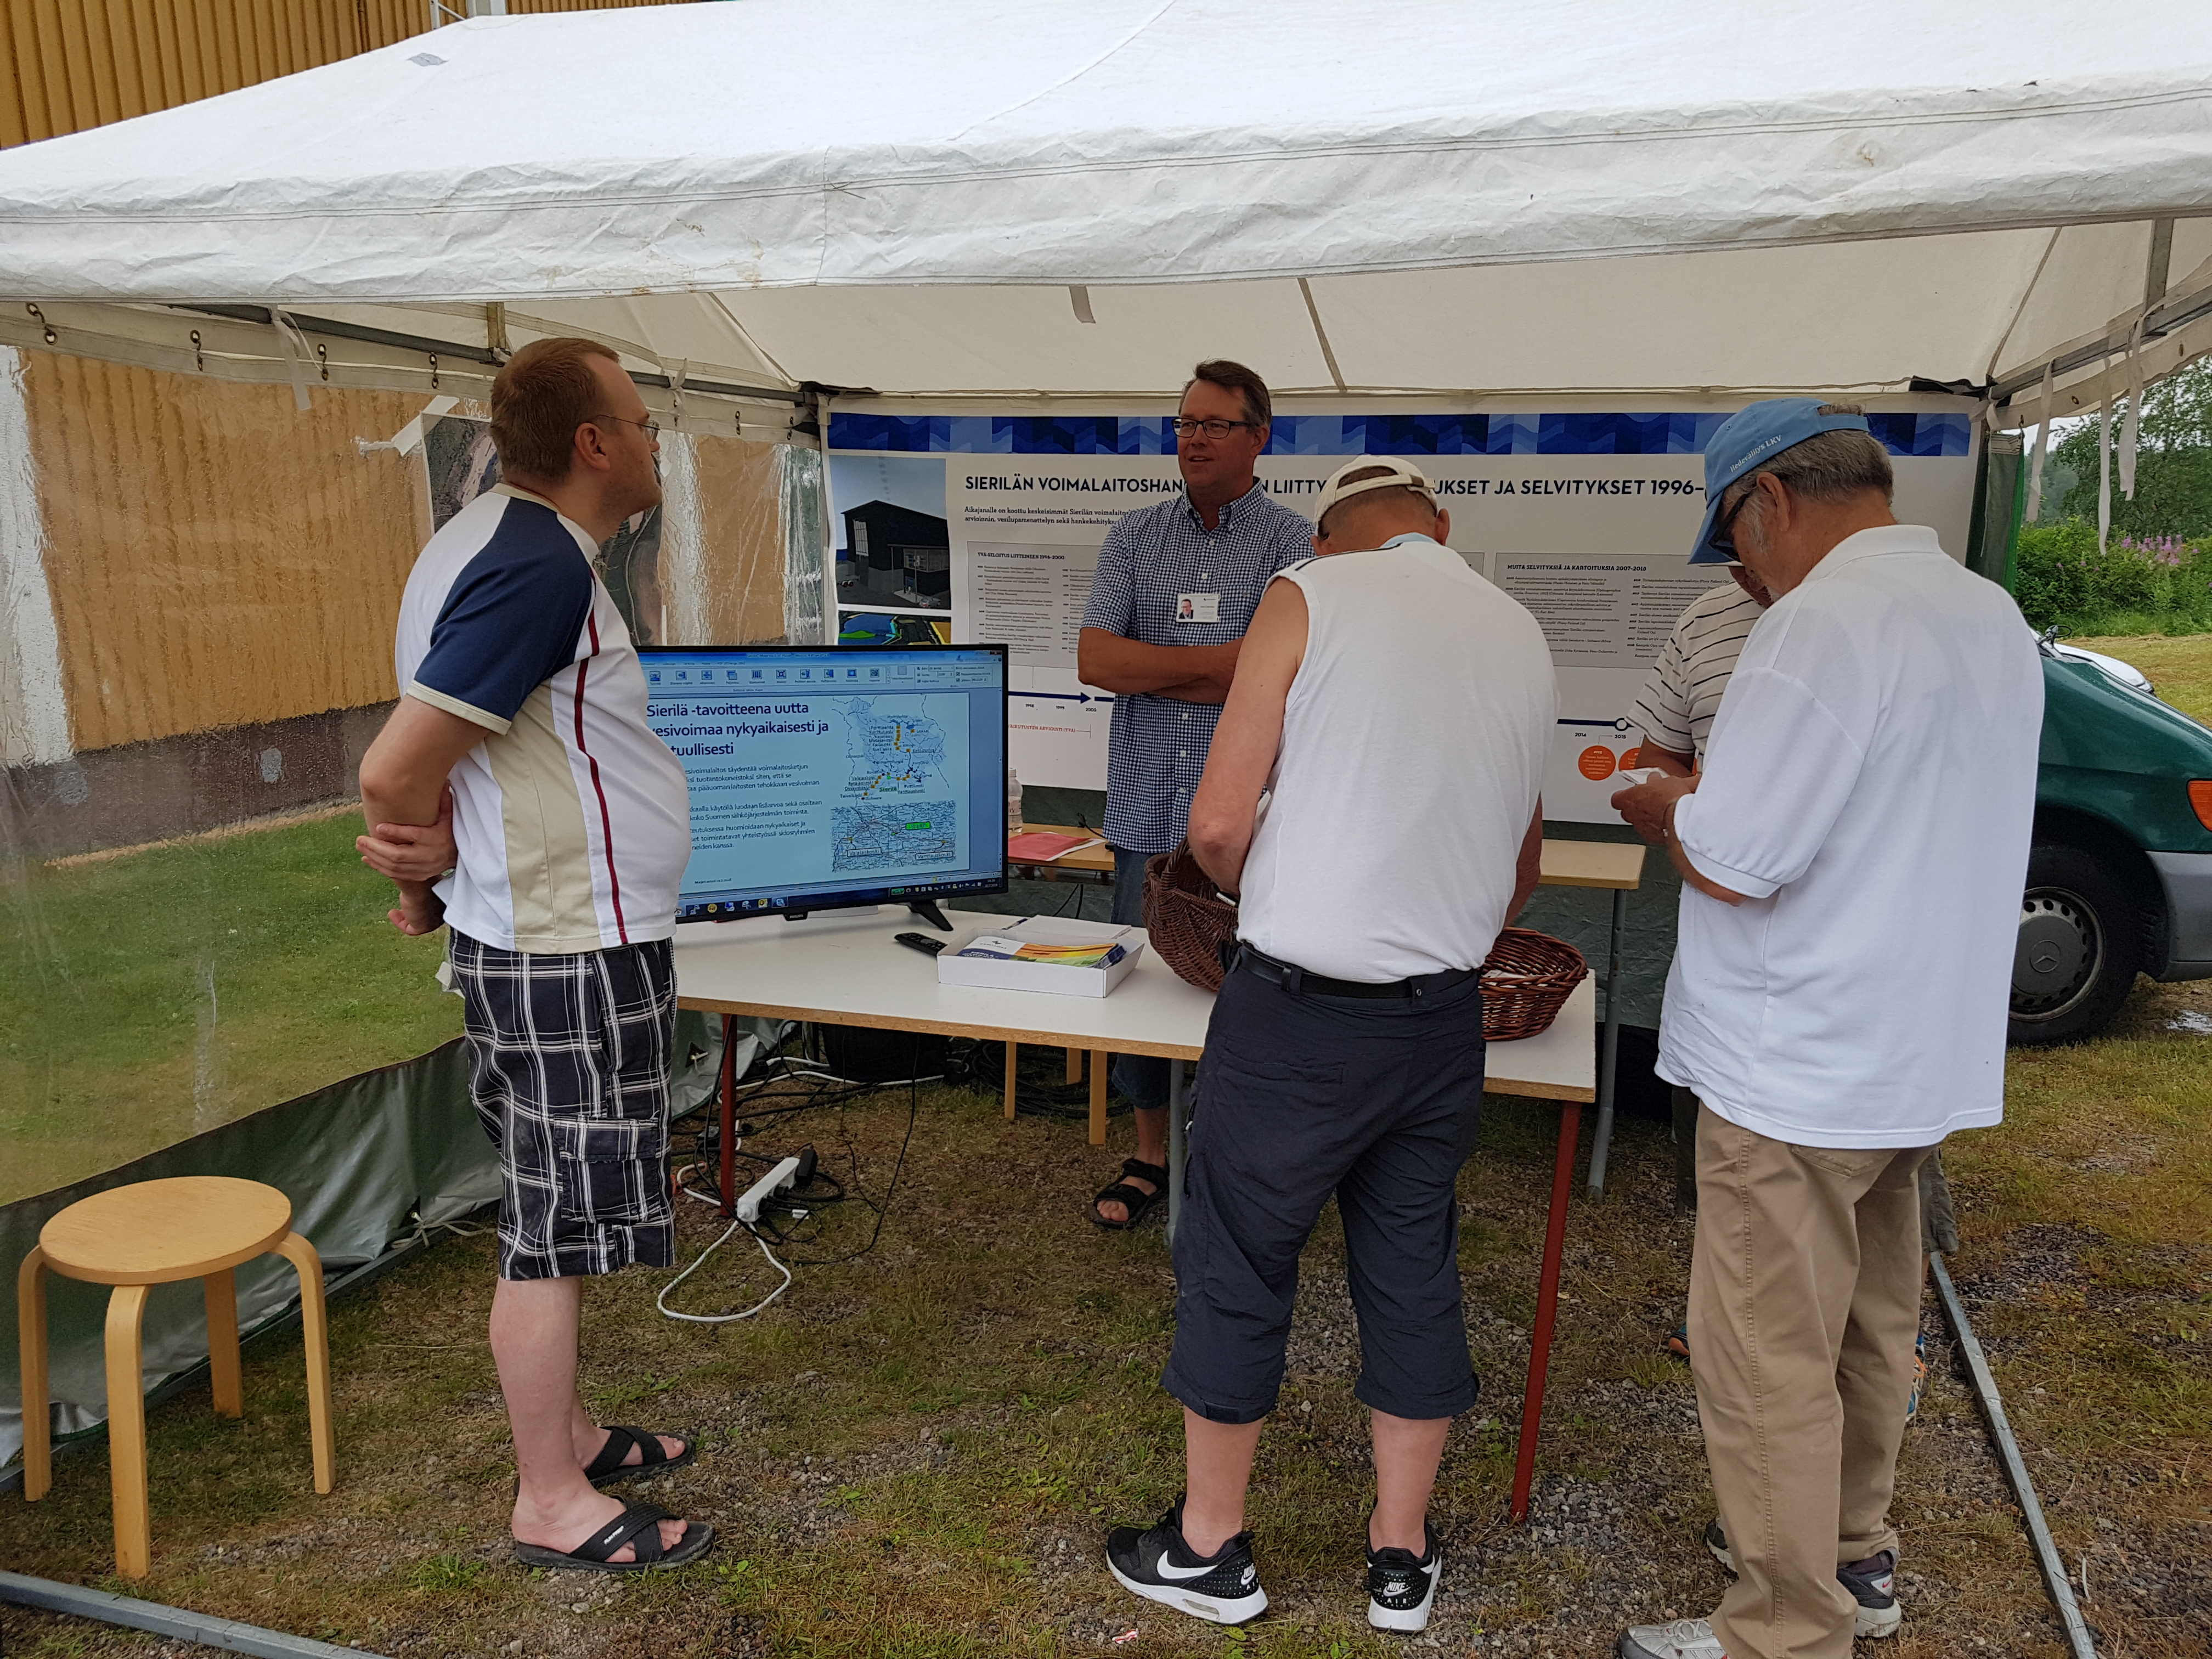 Oikaraisen kyläyhdistys järjesti perinteisen Marjetantori-tapahtuman  lauantaina 21. heinäkuuta. Osallistuimme tapahtumaan omalla puheenvuorolla  ja Kemijoki ... e1c7a1d69a